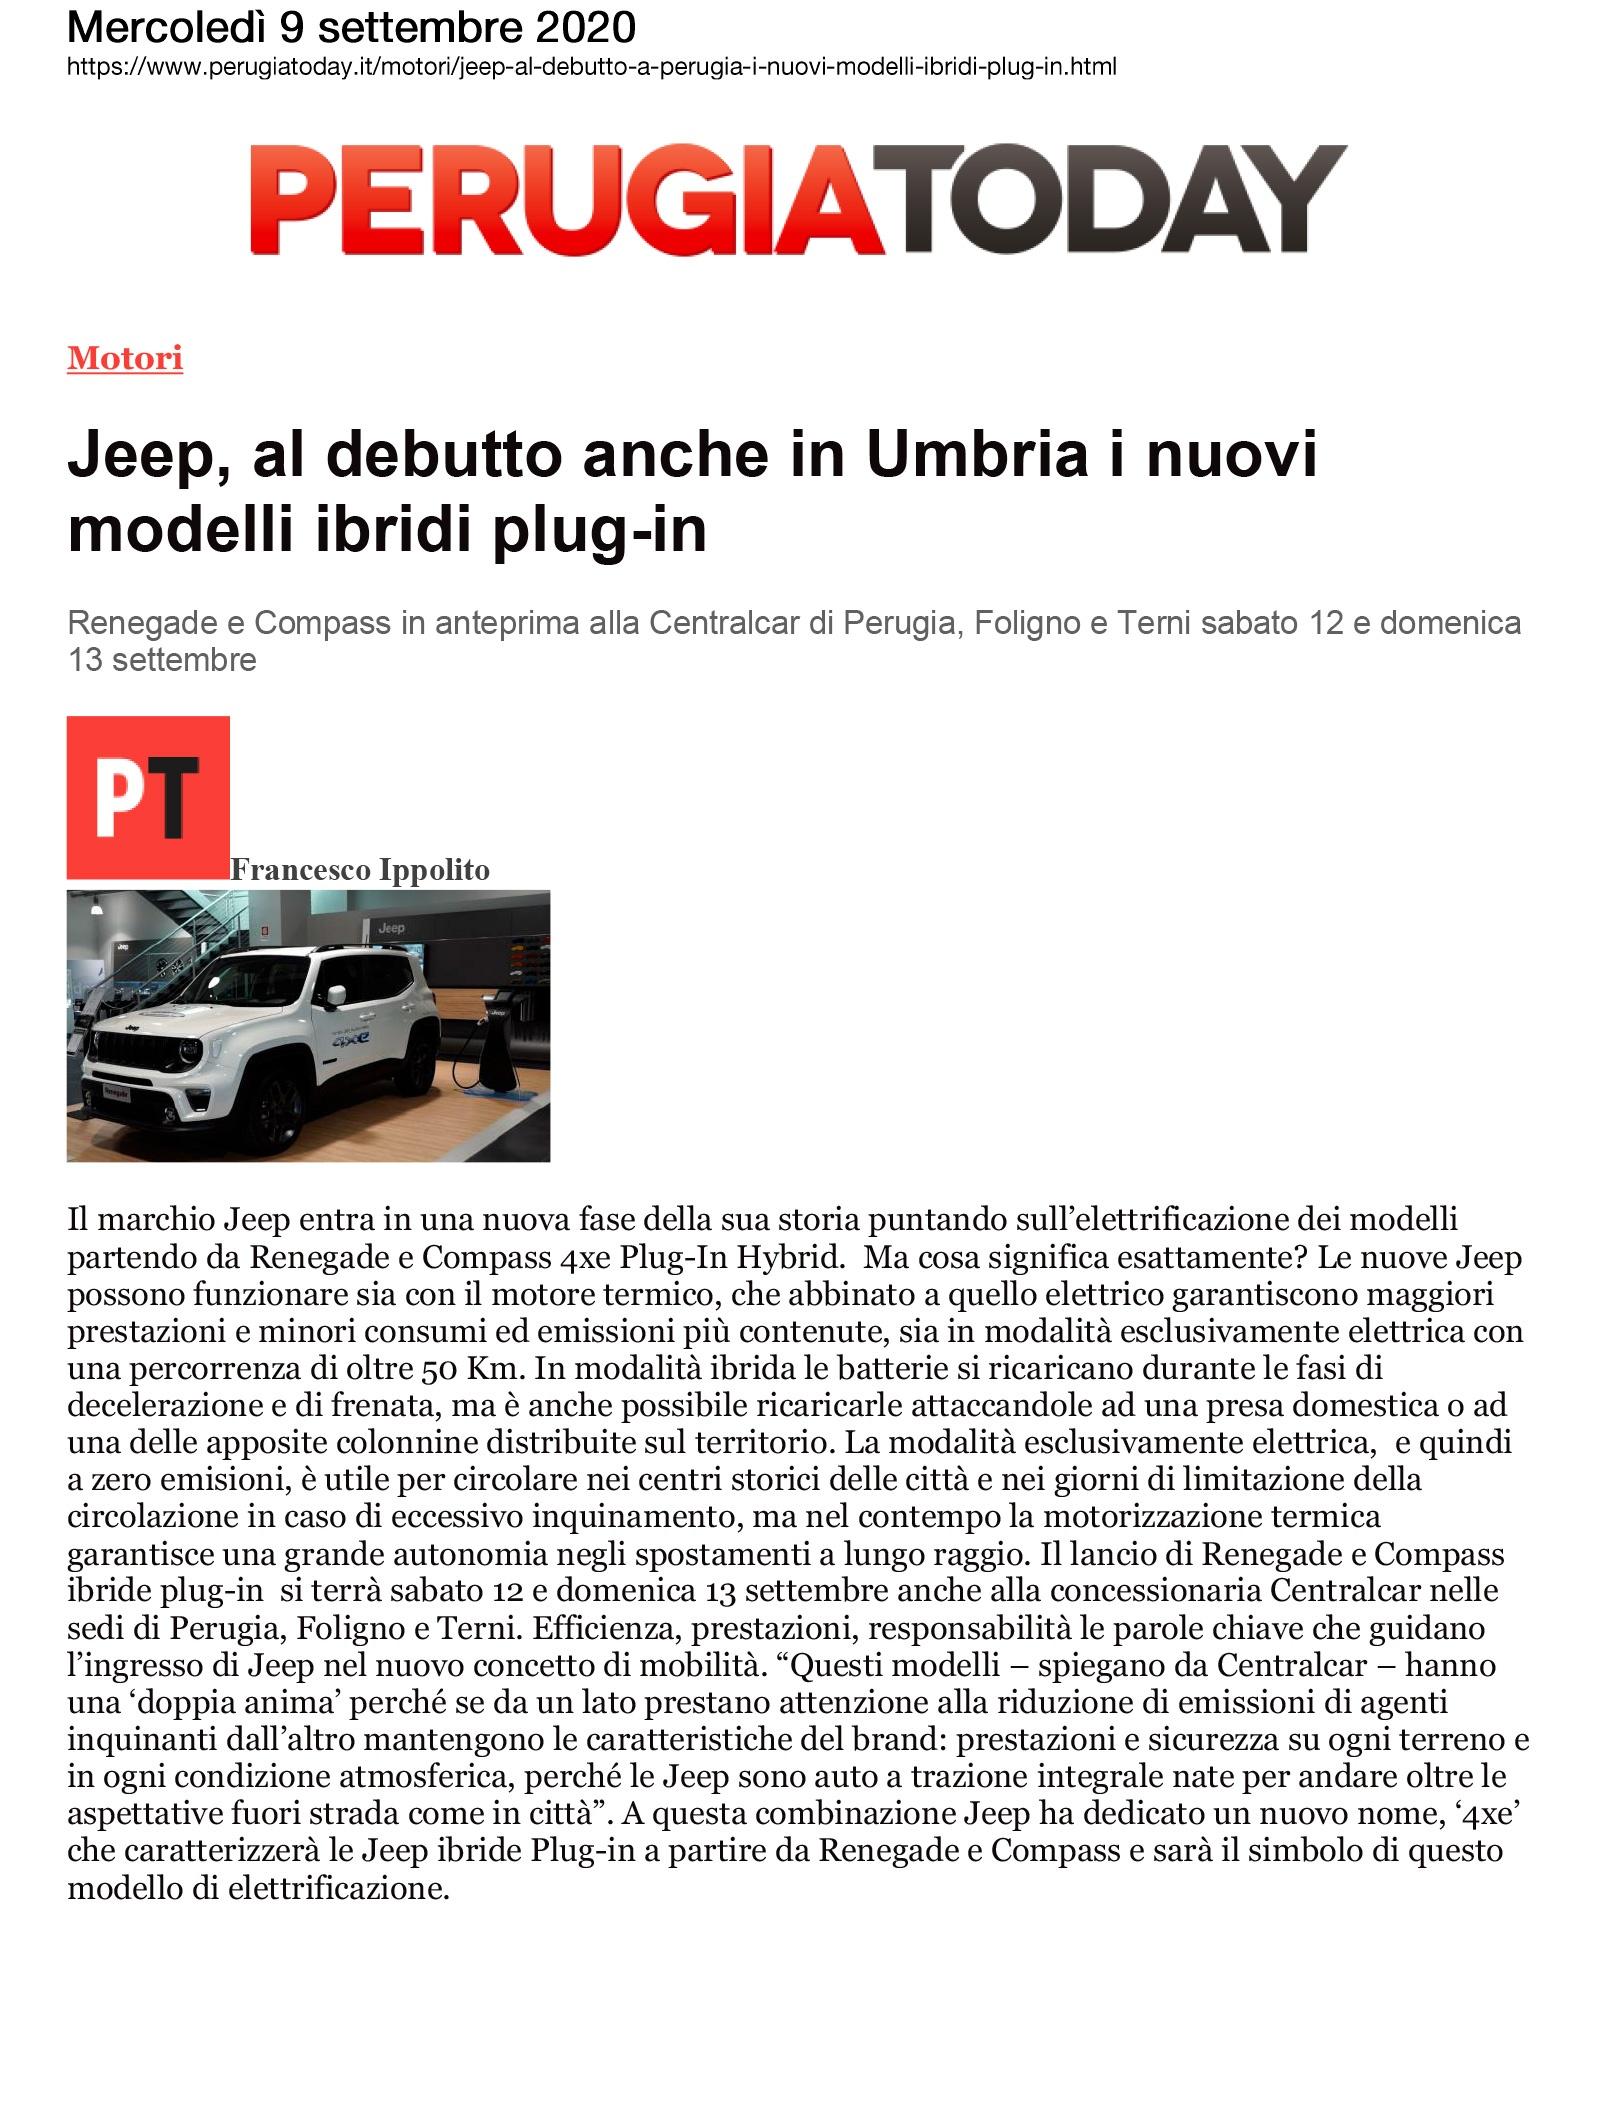 Jeep, al debutto anche in Umbria i nuovi modelli plug-in